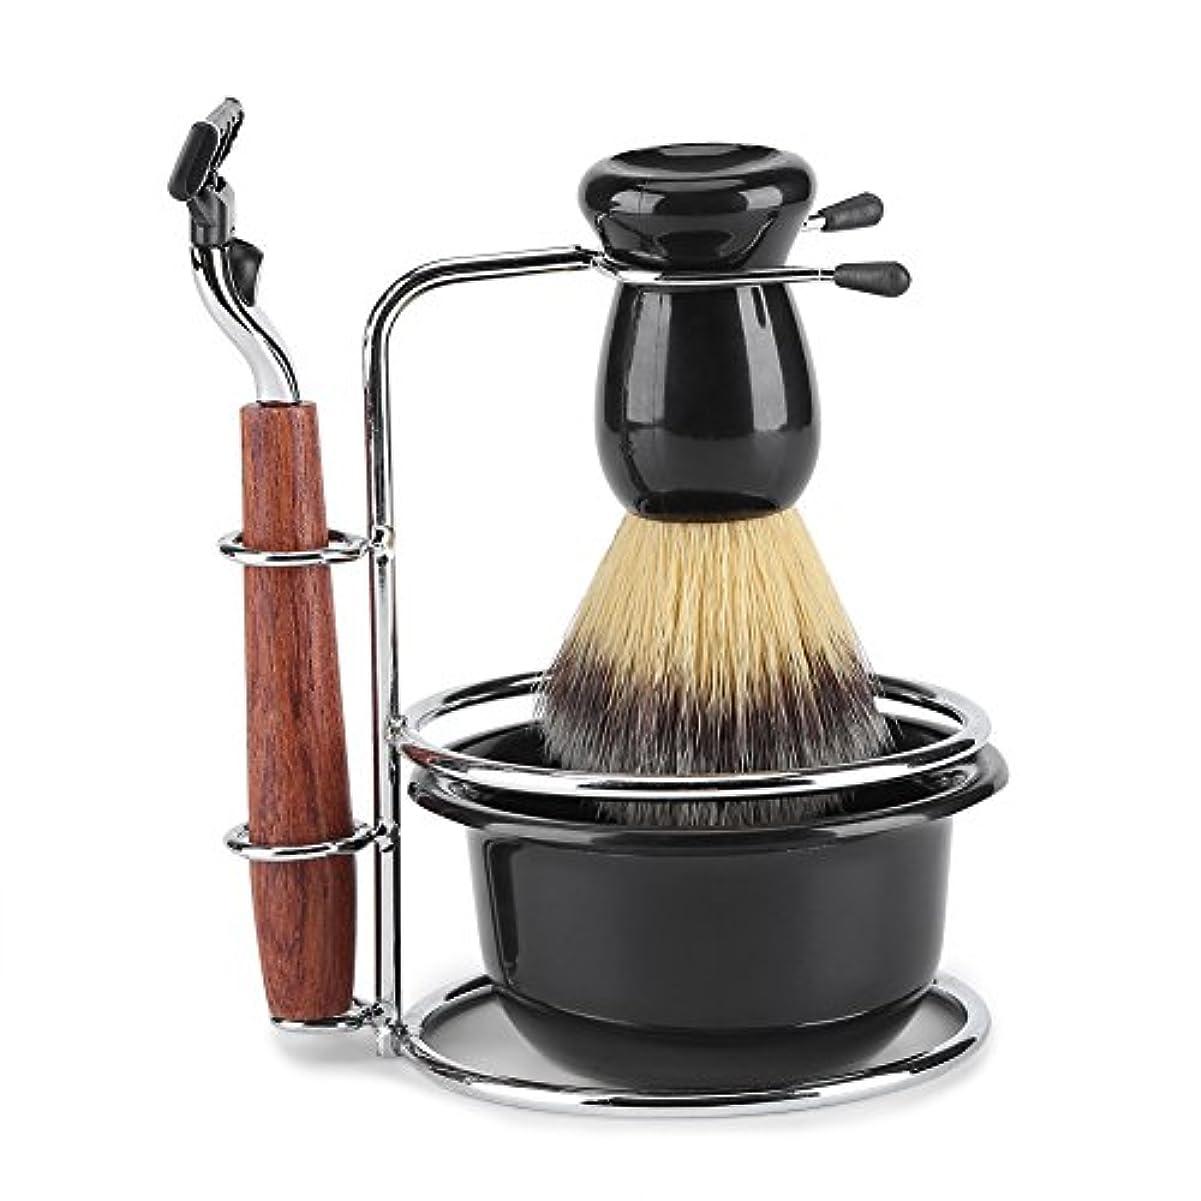 ペルーファントム咽頭シェービングキット 4-in-1 ひげ剃りツールセット マニュアルスタンドホルダー ウェットシェービングキット ステンレススチール